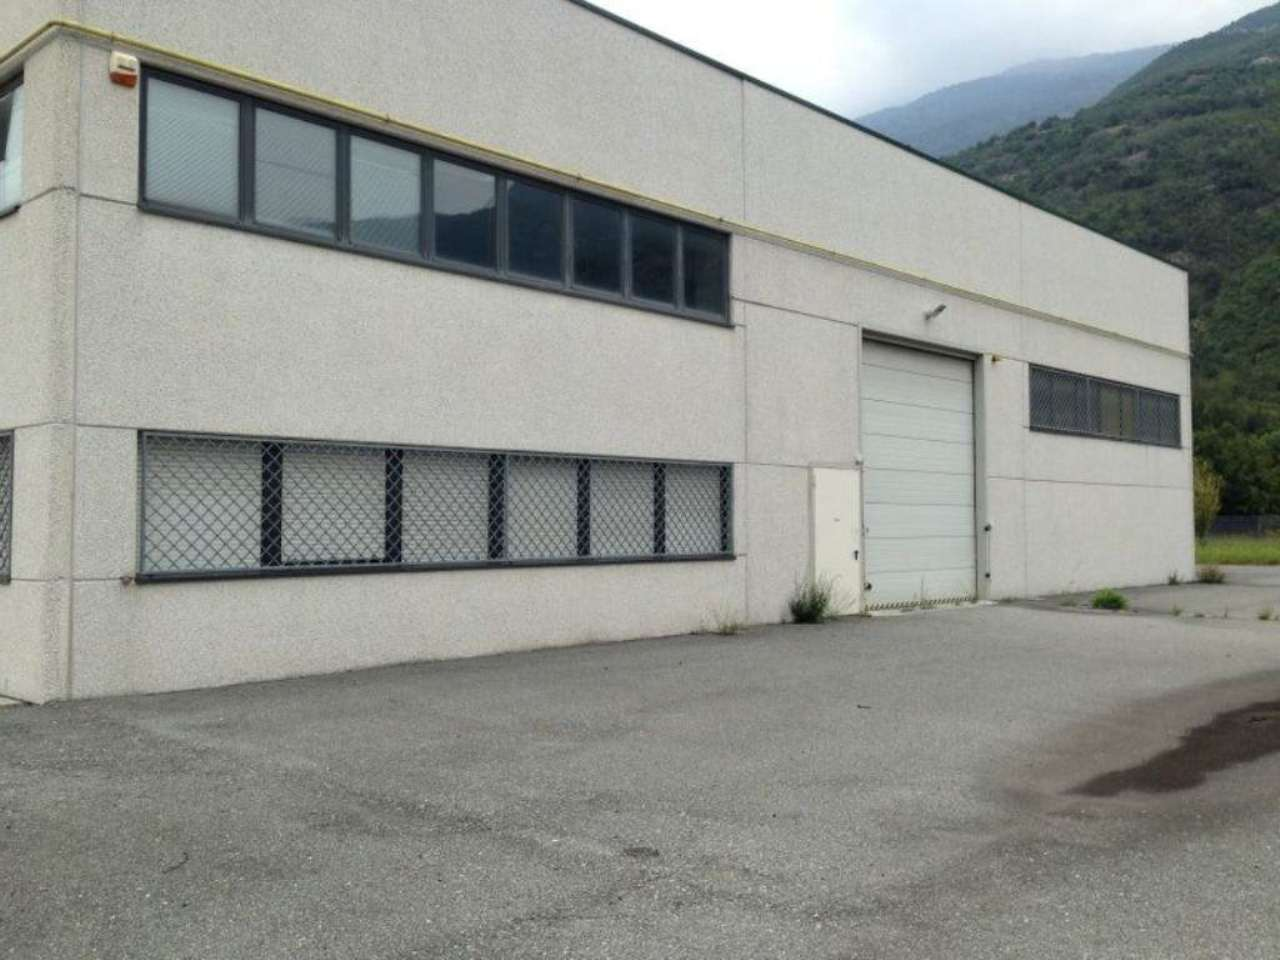 Capannone in vendita a Borgone Susa, 1 locali, prezzo € 300.000 | CambioCasa.it